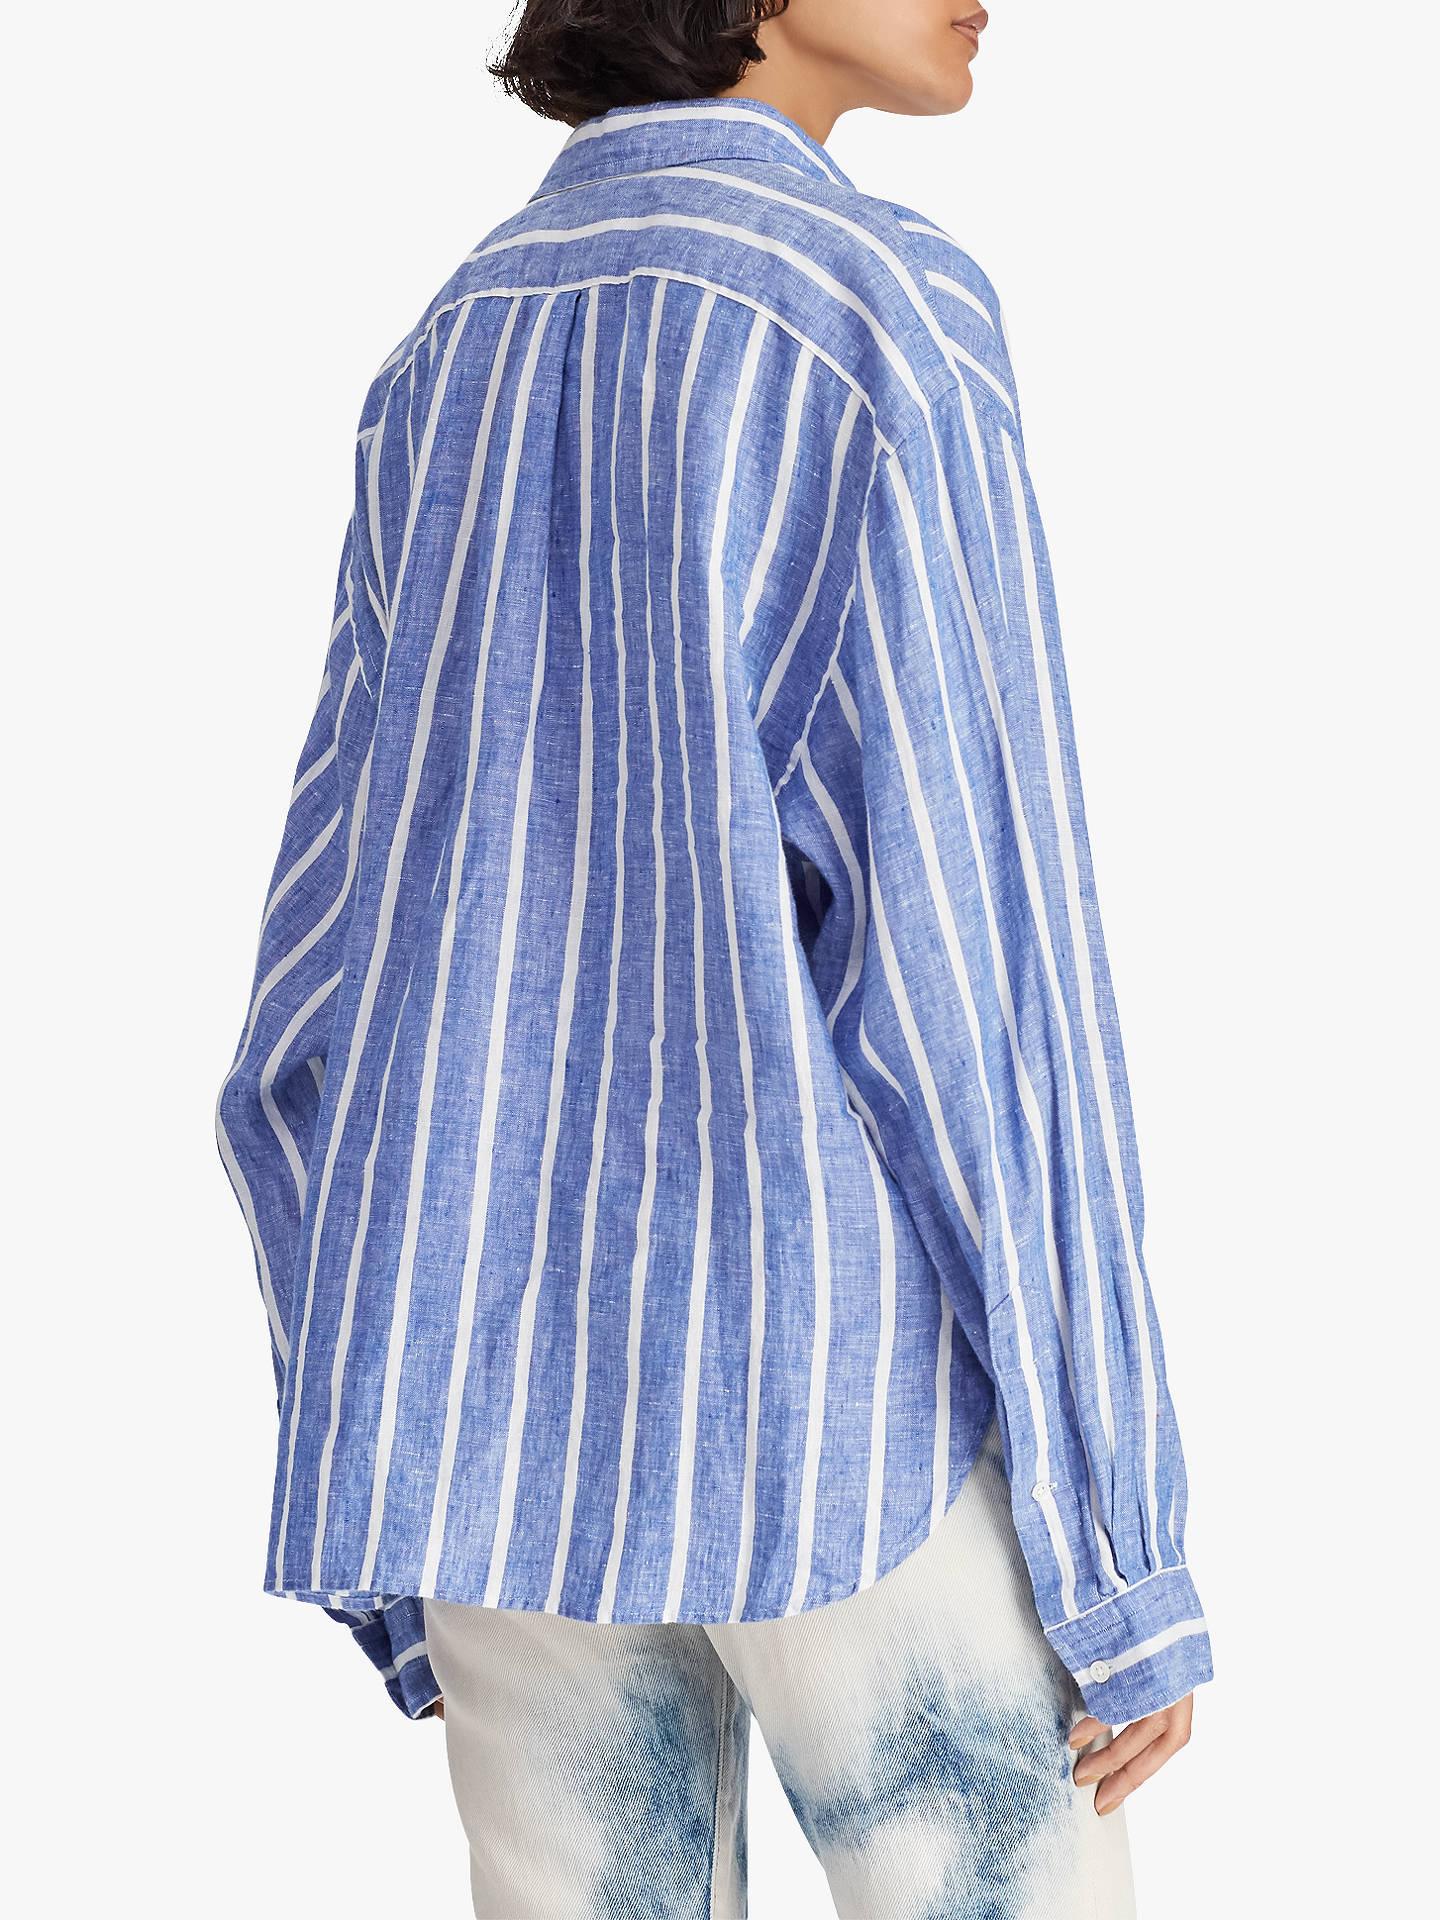 9a428cf8093 ... Buy Polo Ralph Lauren Wide Stripe Cropped Linen Oxford Shirt,  Royal/White, XS ...